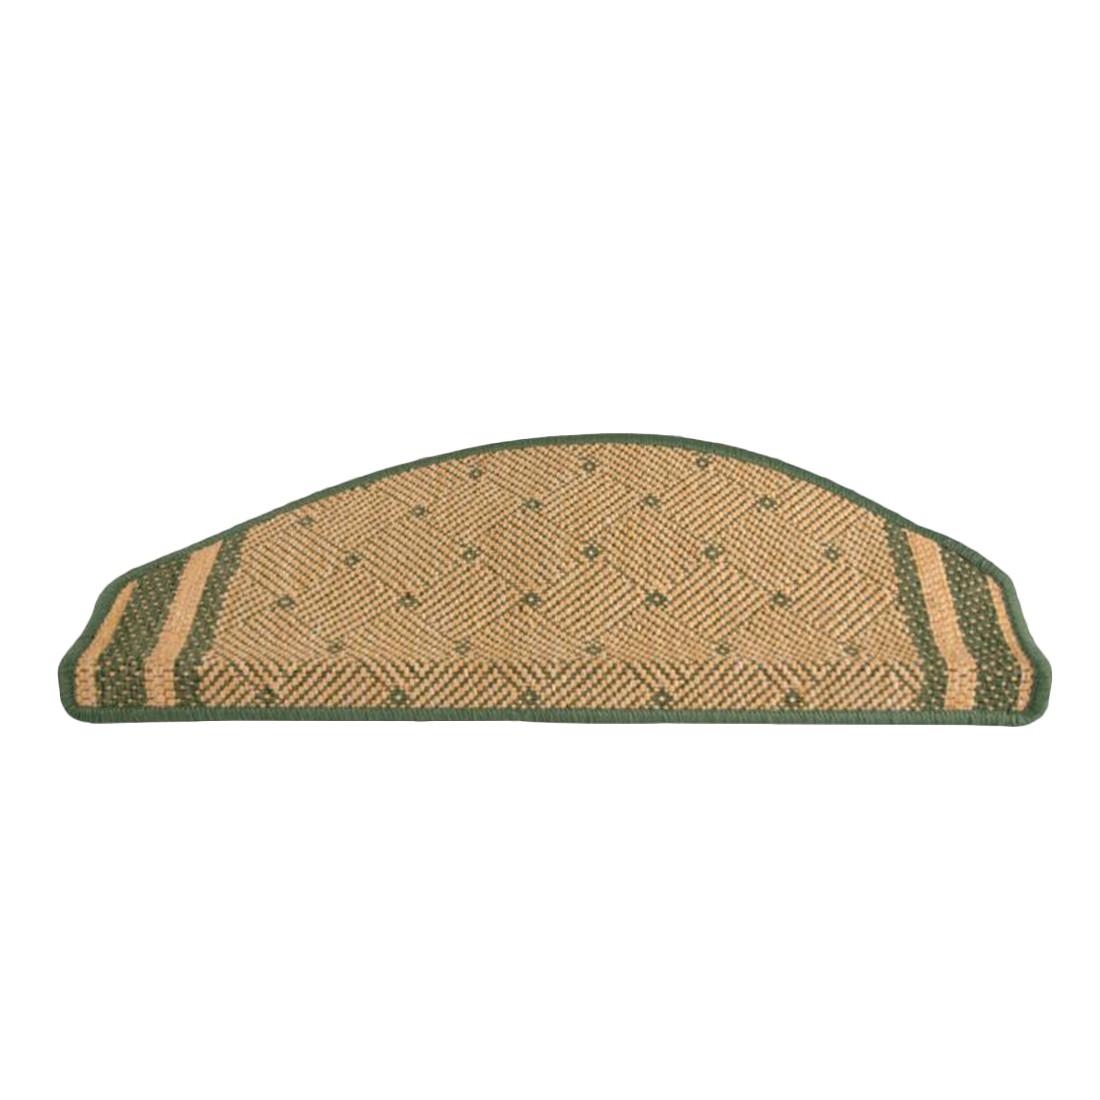 Teppich Cottage 5366 – Grün – 65 x 28 cm, KC-Handel günstig